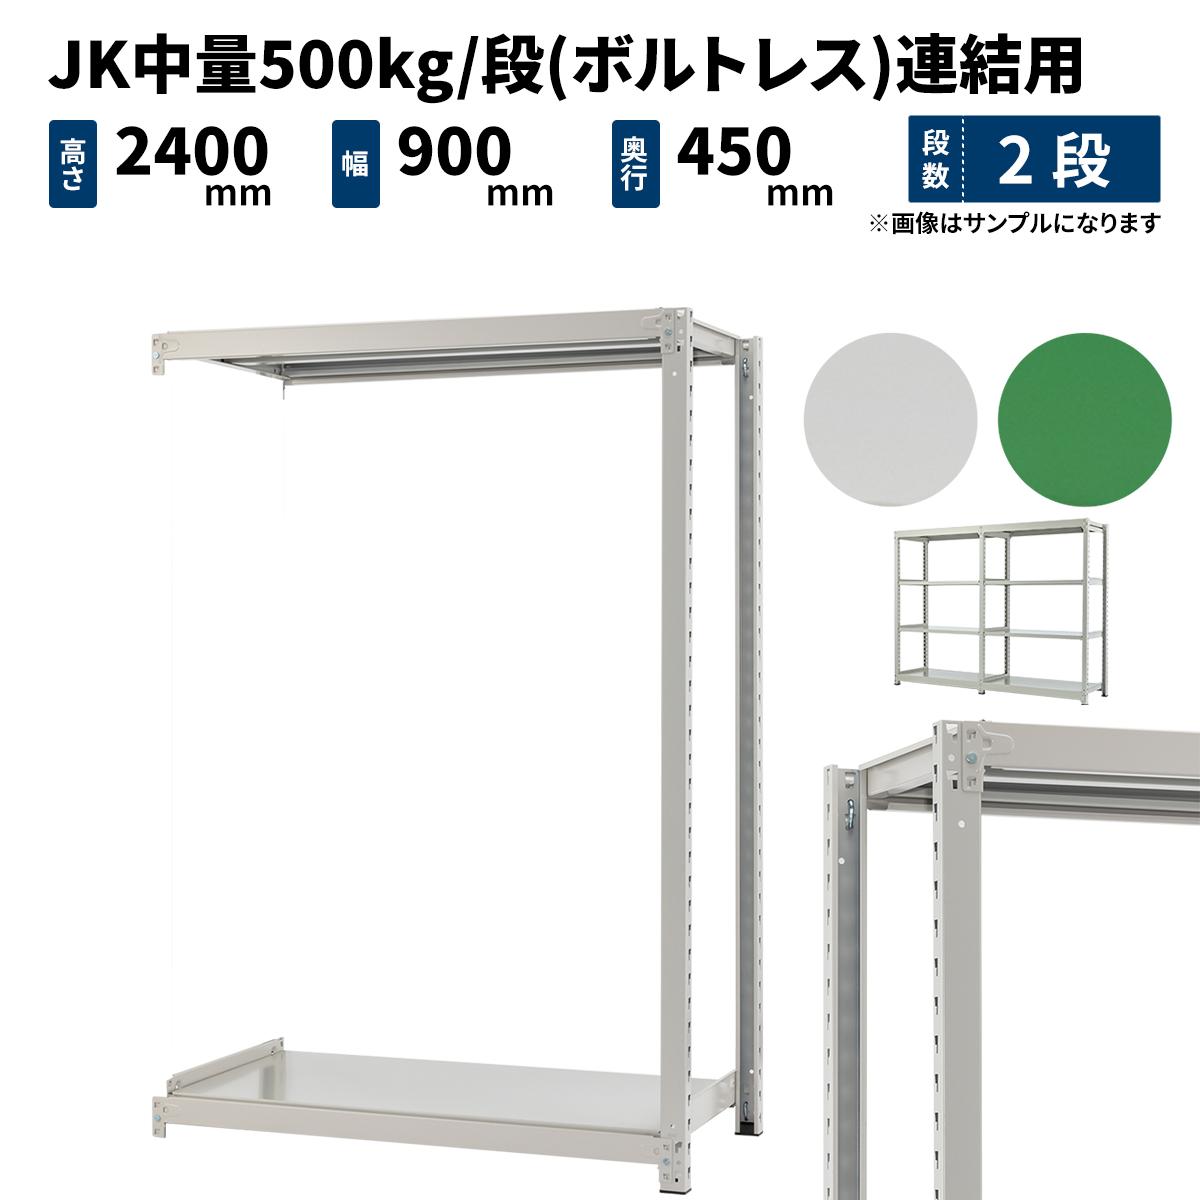 スチールラック 業務用 JK中量500kg/段(ボルトレス) 連結形式 高さ2400×幅900×奥行450mm 2段 ホワイトグレー/グリーン (30kg) JK500_R-240945-2